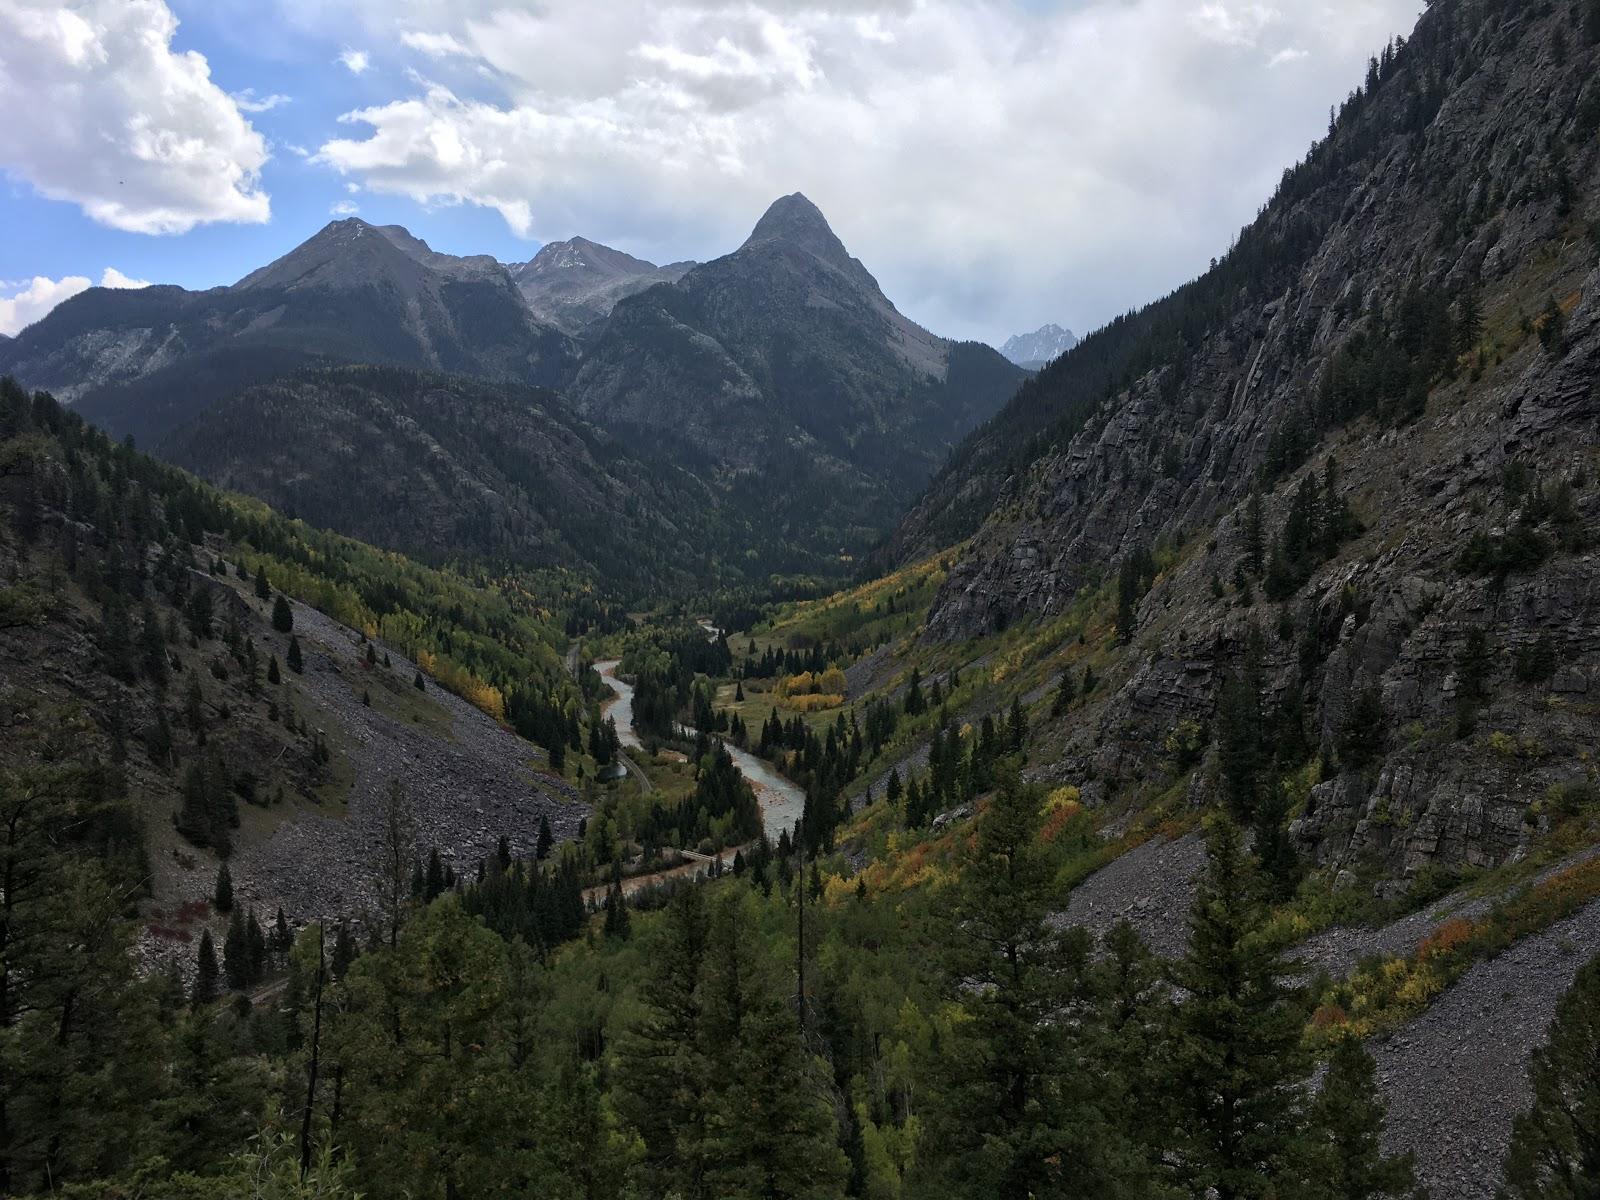 the Animas River Valley